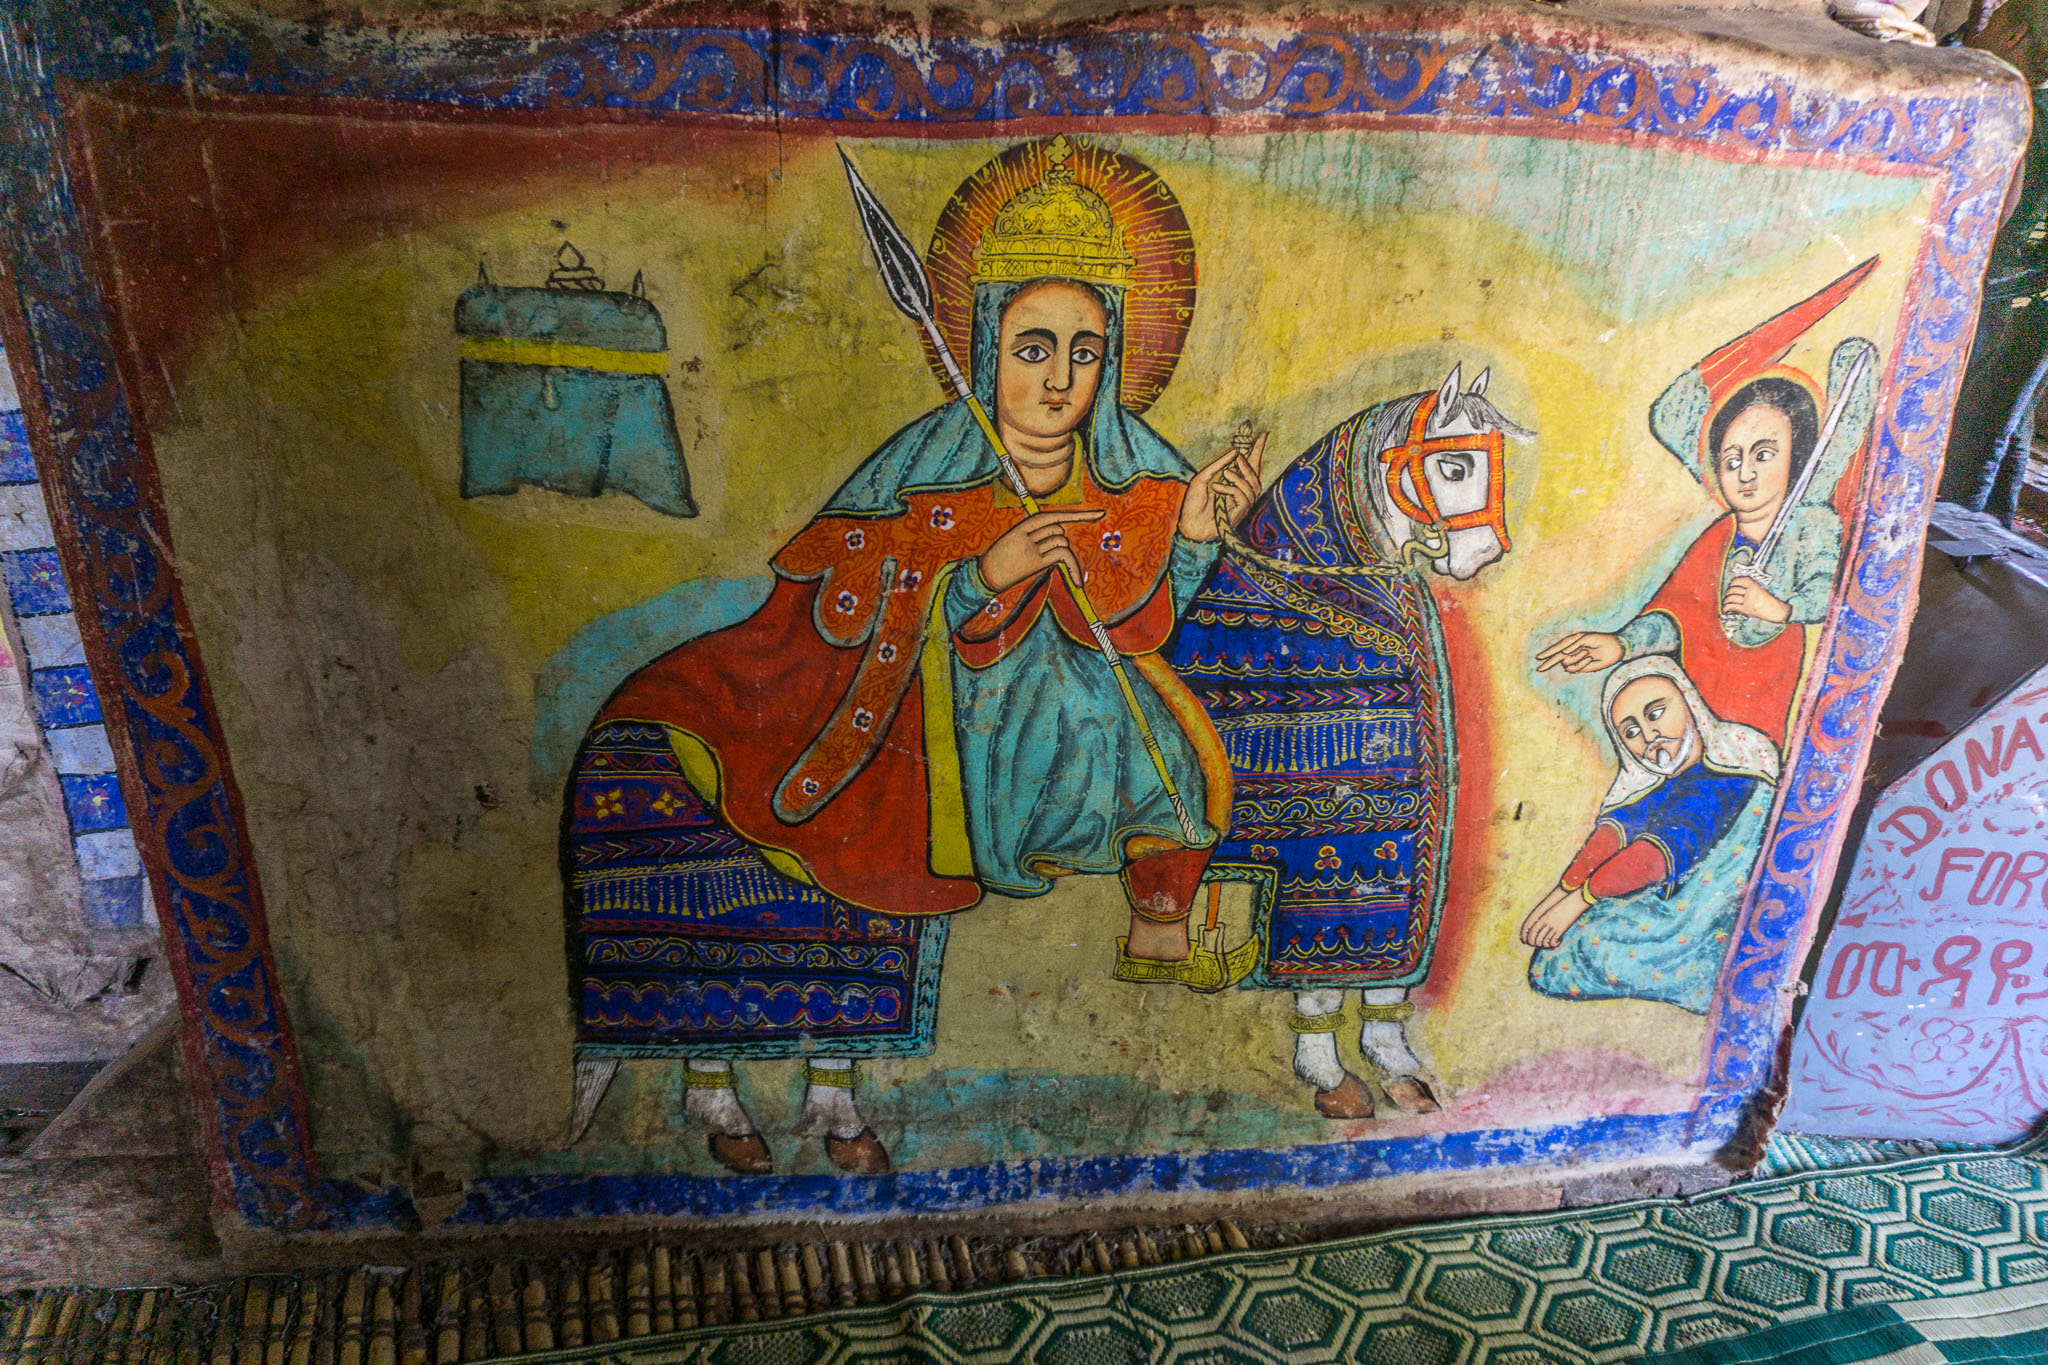 Ethiopia website pics-501.jpg